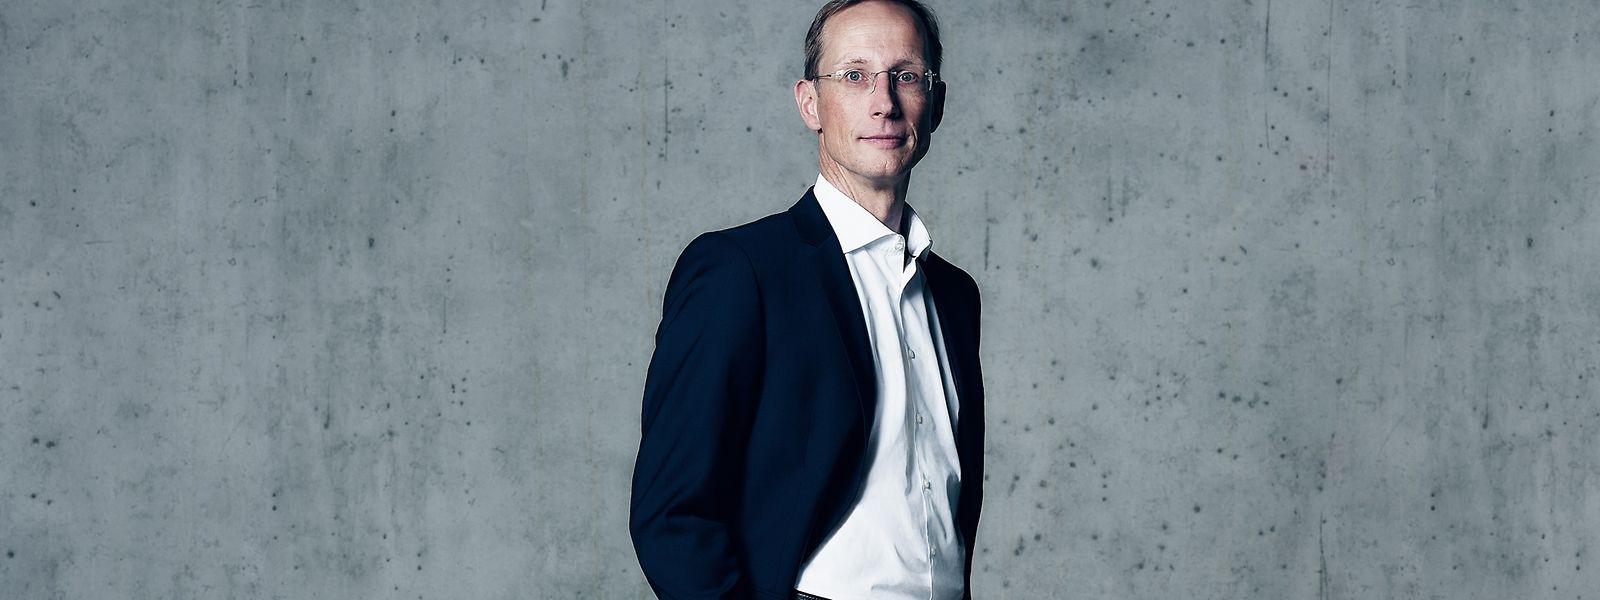 Franz-Werner Haas ist der CEO von CureVac.